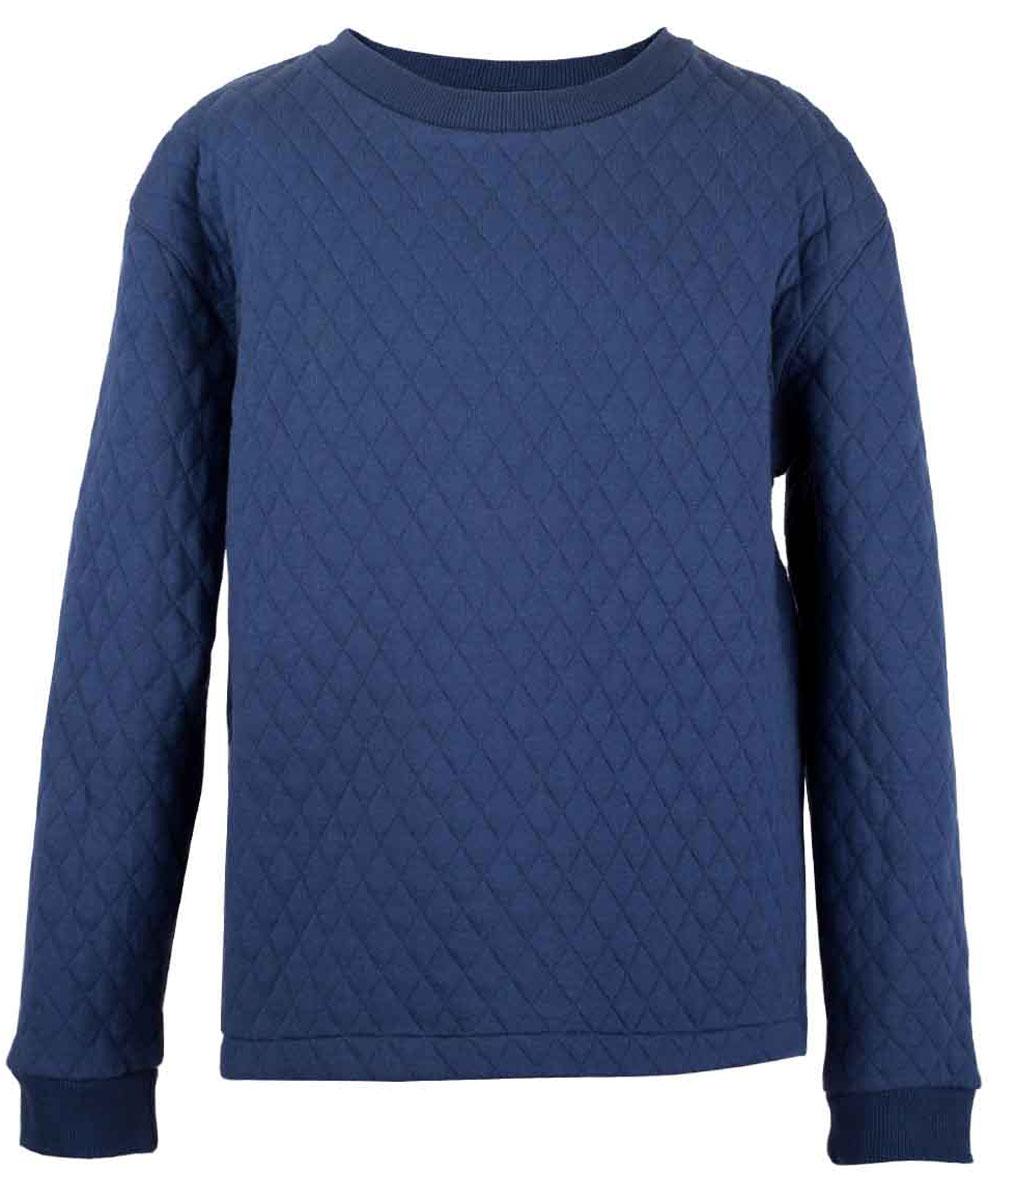 Толстовка117BBBC16051000Детская толстовка - хит прогулочного и домашнего гардероба! Модная, удобная, практичная, толстовка для мальчика - отличная вещь на каждый день. Не сомневайтесь, желая купить недорого качественную толстовку! Это вполне реально! Синяя толстовка от Button Blue с ярко выраженной фактурой, имитирующей модную стежку, гарантирует прекрасный внешний вид, комфорт и свободу движений. Низкая цена не окажет влияния на бюджет семьи, позволив создать оптимальный базовый гардероб для долгожданных каникул!